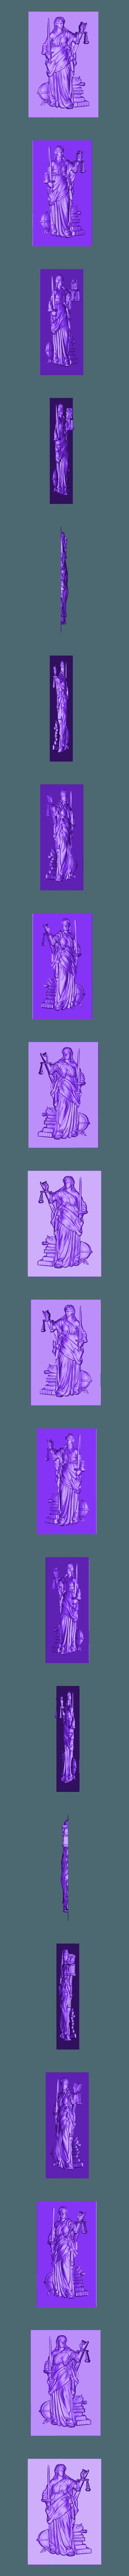 24.stl Download free STL file blind justice metaphore metaphoric cnc art • 3D printable design, 3DPrinterFiles